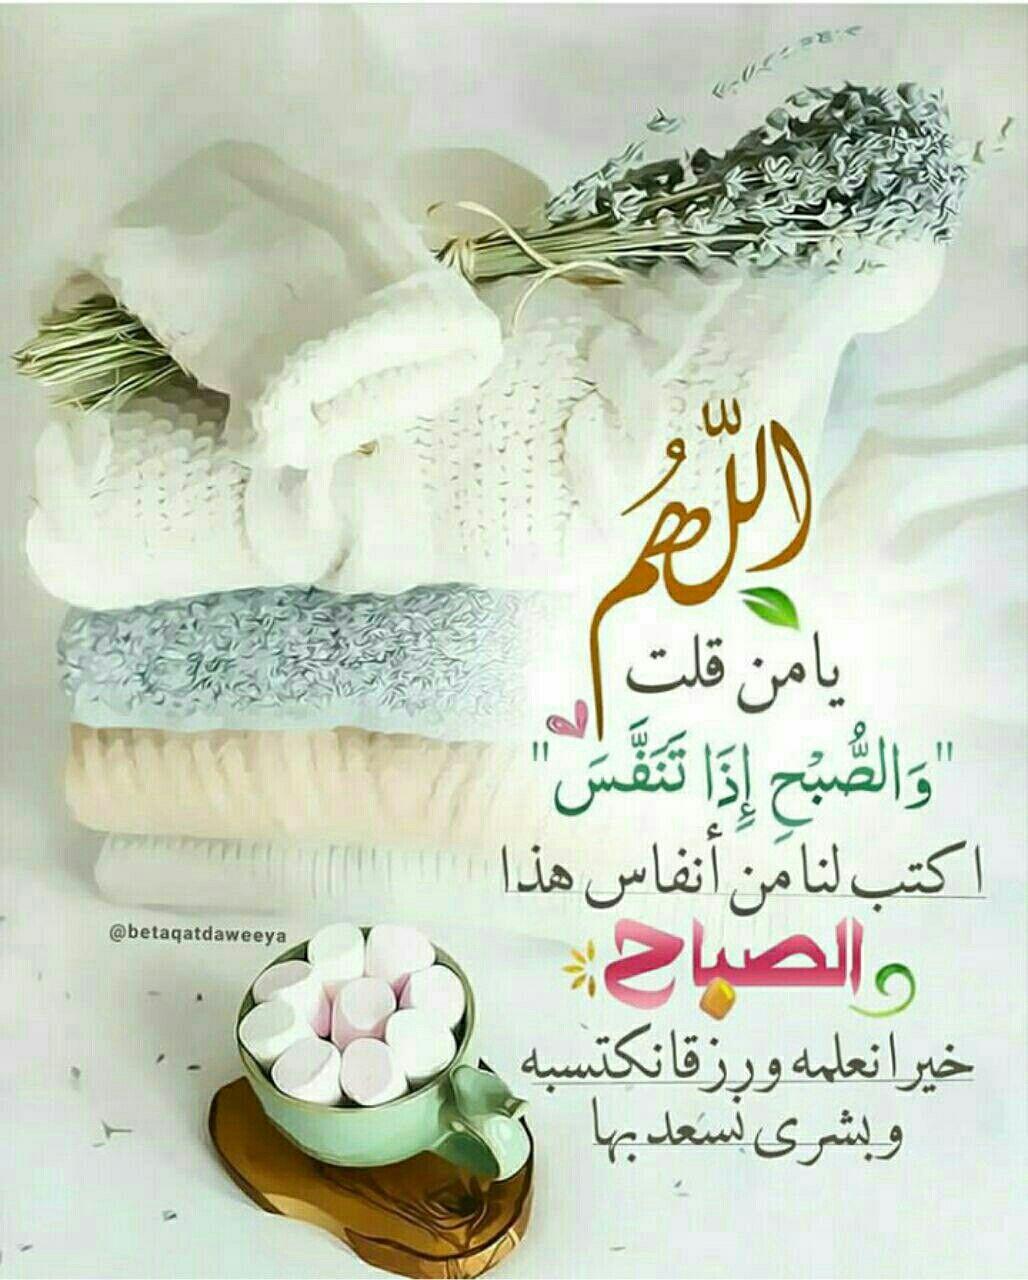 إشــツـراقة الصبــ ــاح يعطيك الل ه ماتريد إذا داومت على الدعاء مع اليقين أن الل ه على كل شي قدير Good Morning Gif Good Morning Wishes Morning Prayers